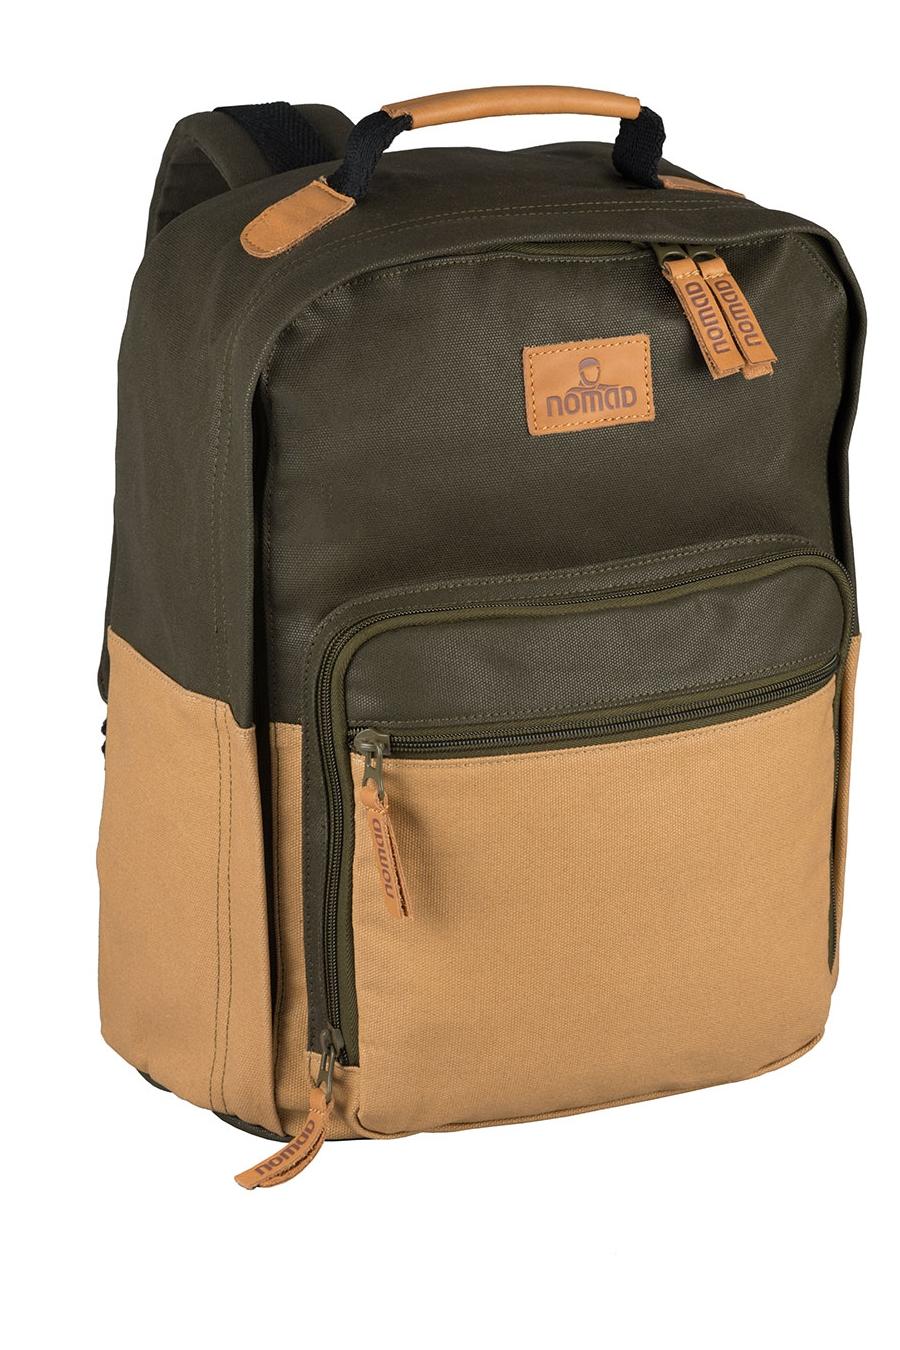 Nomad College Daypacks - 18L & 20L